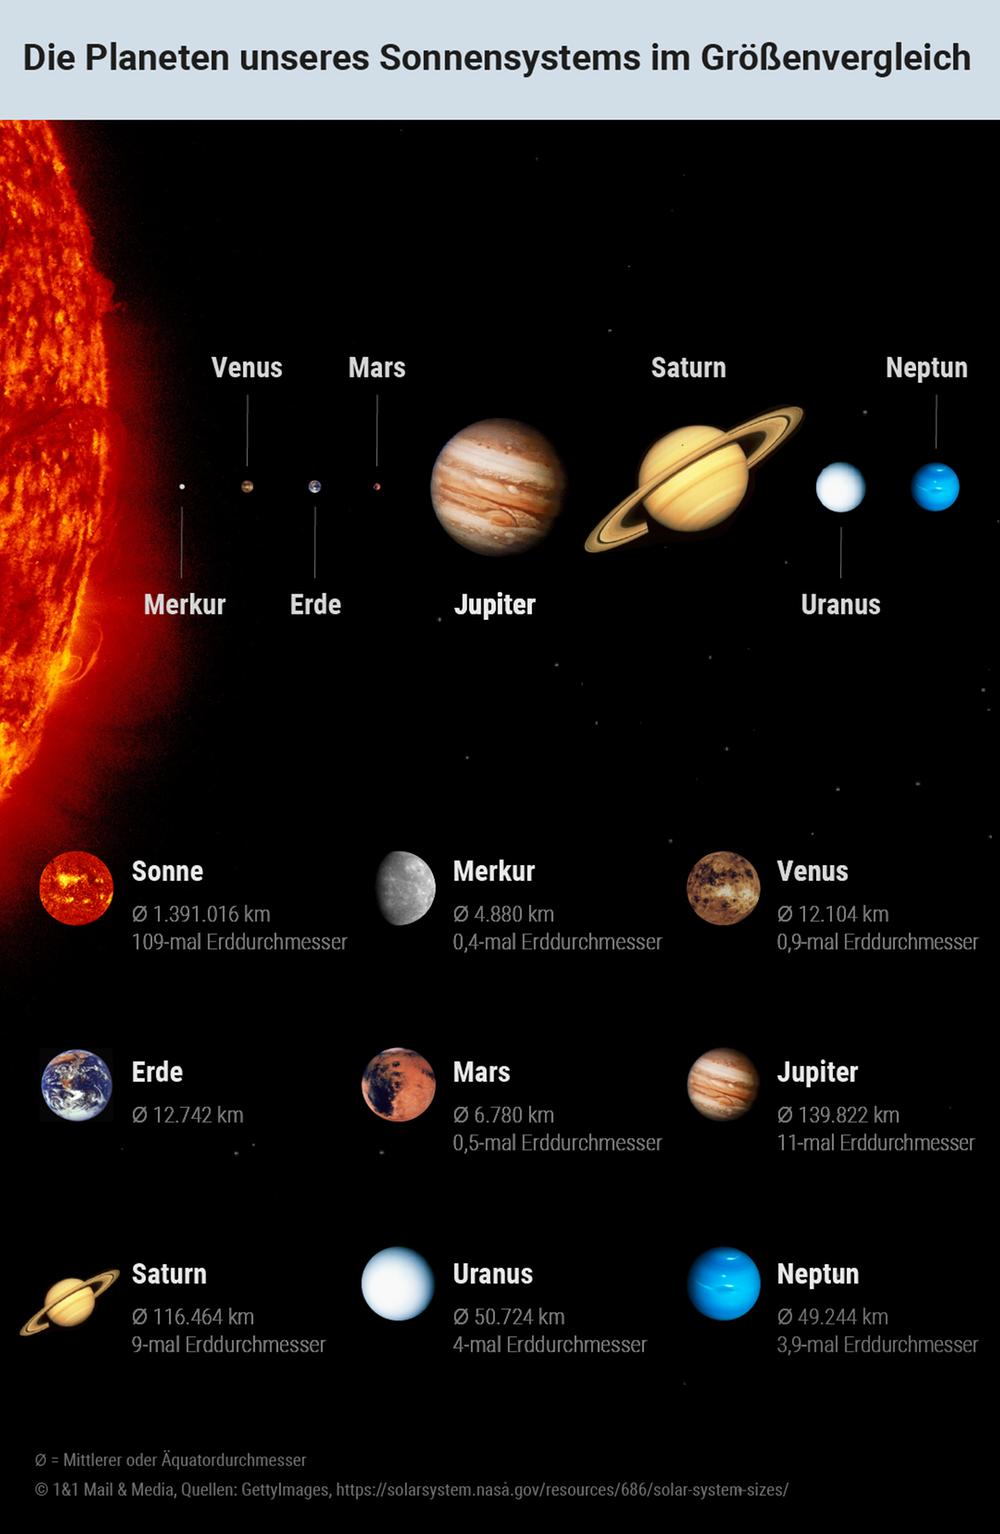 Die Planeten unseres Sonnensystems im Grössenvergleich